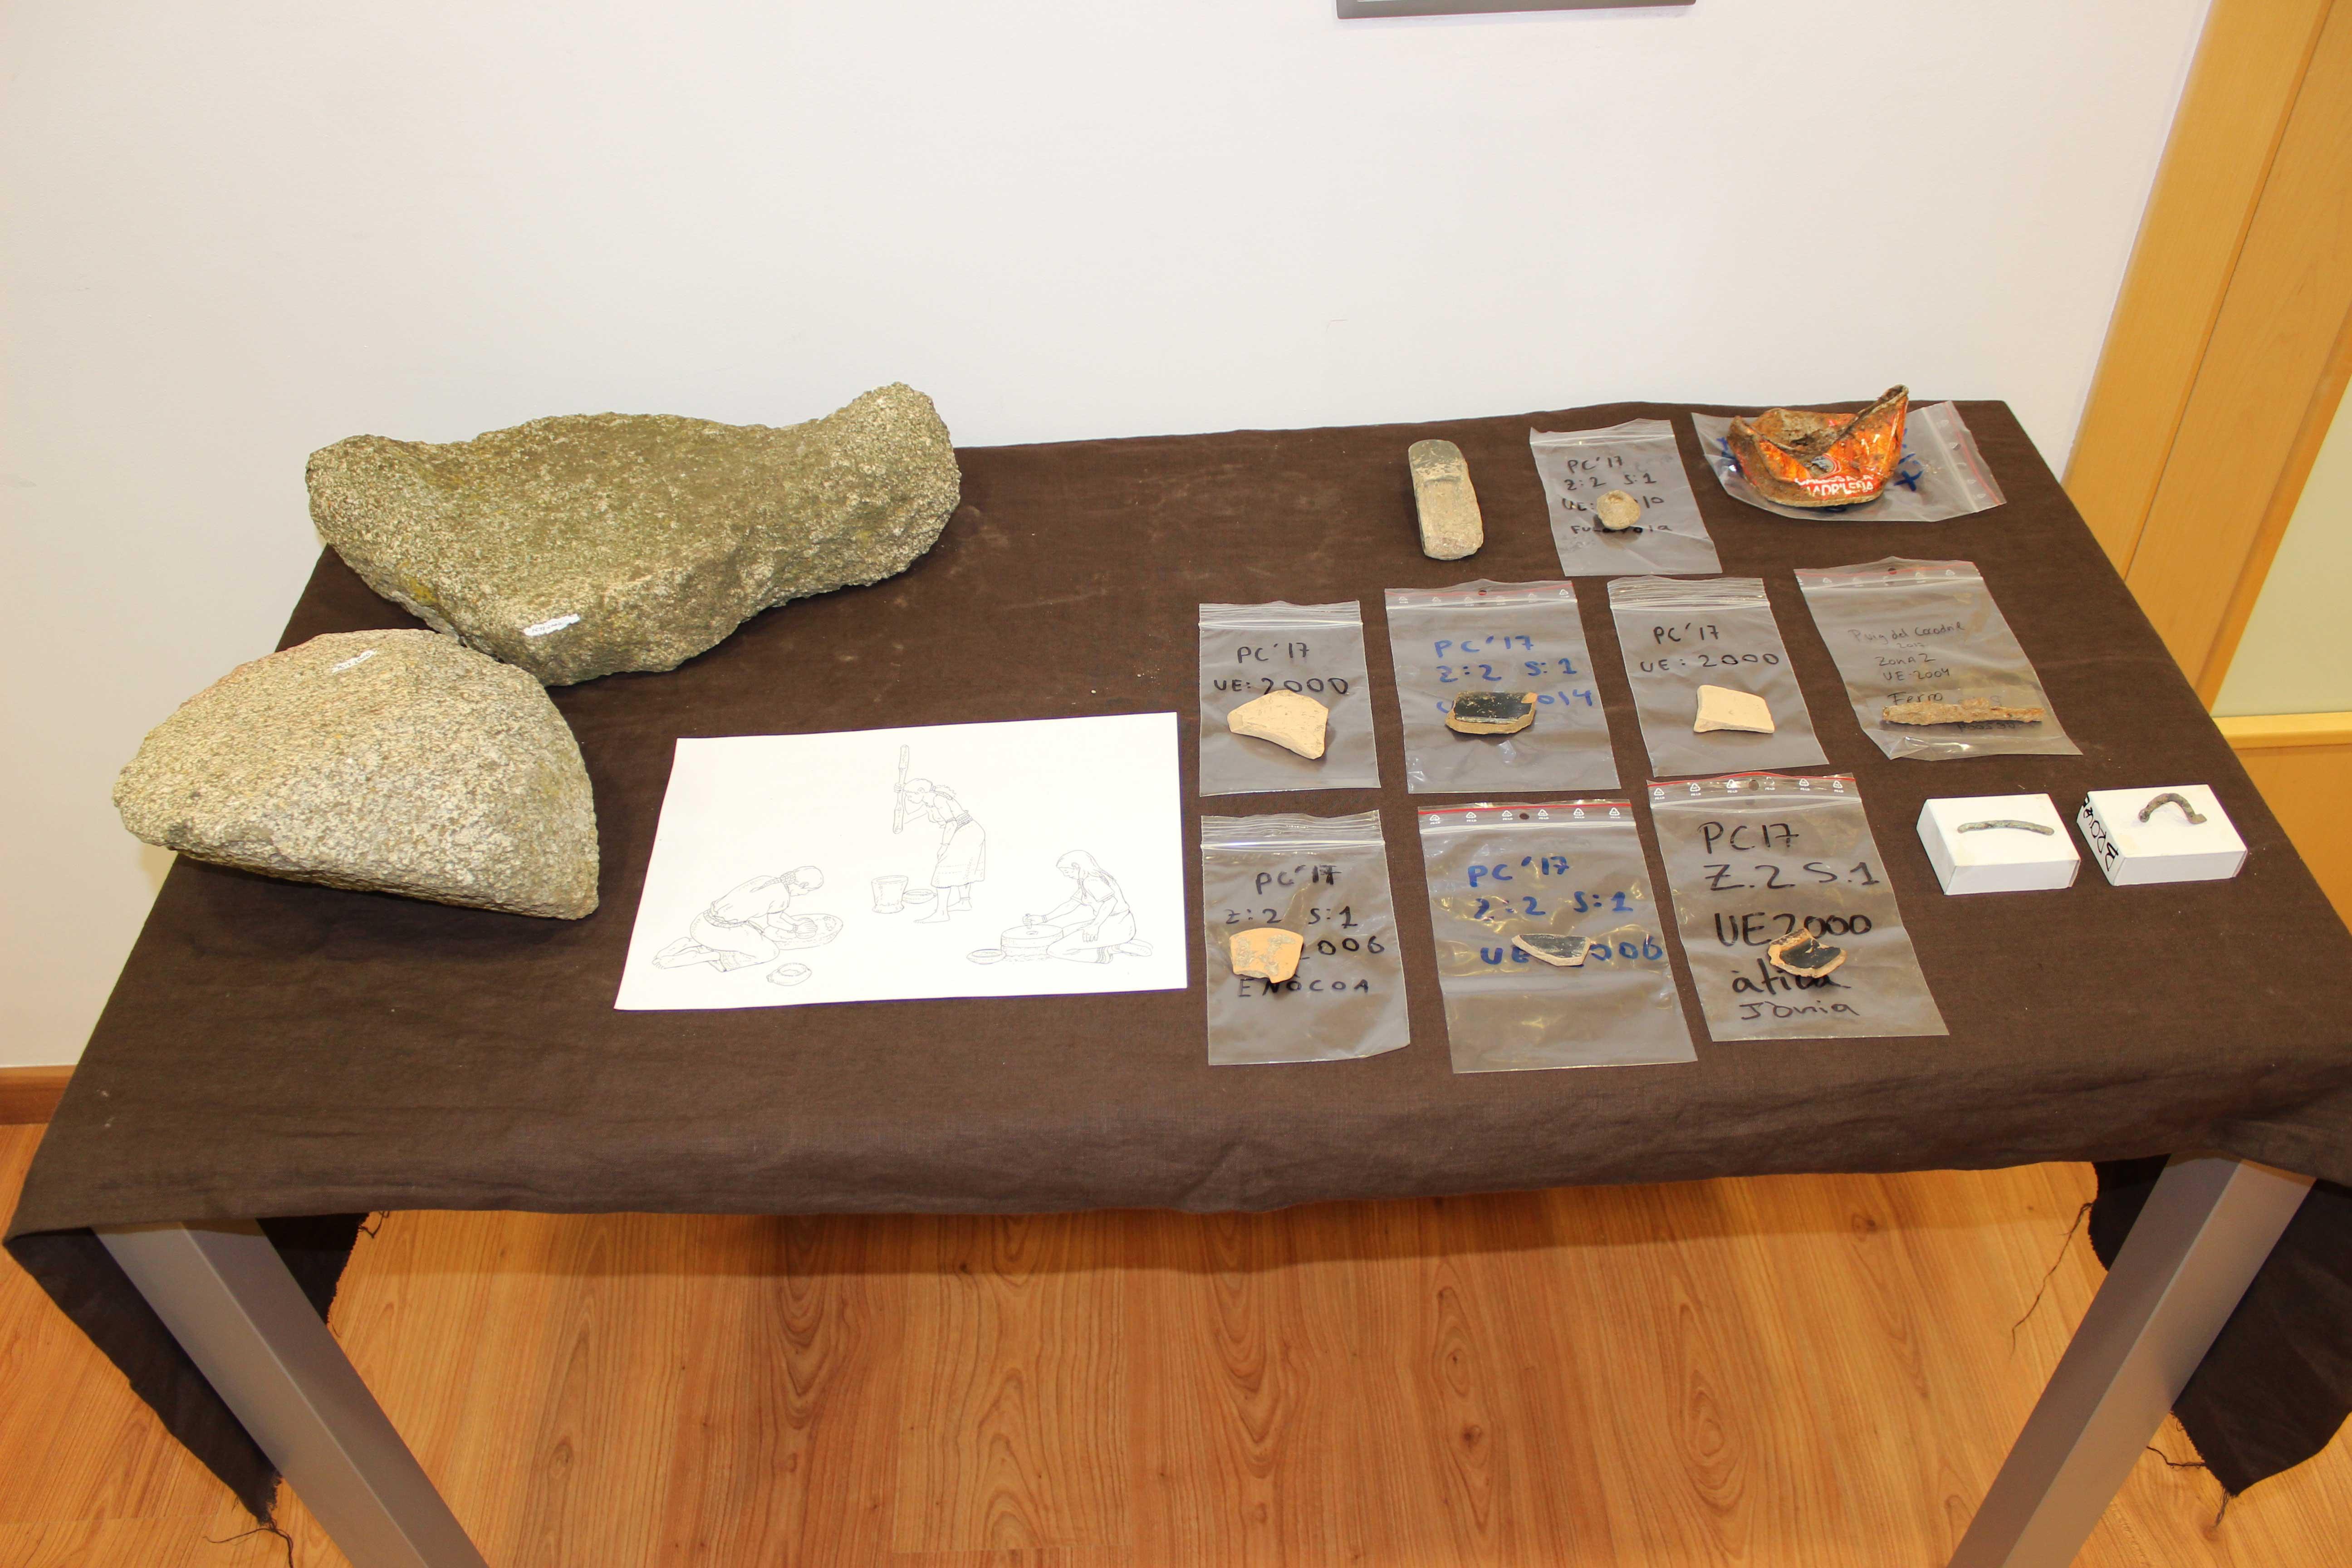 Fragments de granit trasportato d'altres llocs per fer farina, un braçalet de bronze, el clau d'una porta, fragments d'àmfora i altres peces trobades al Puig del Cocodril.